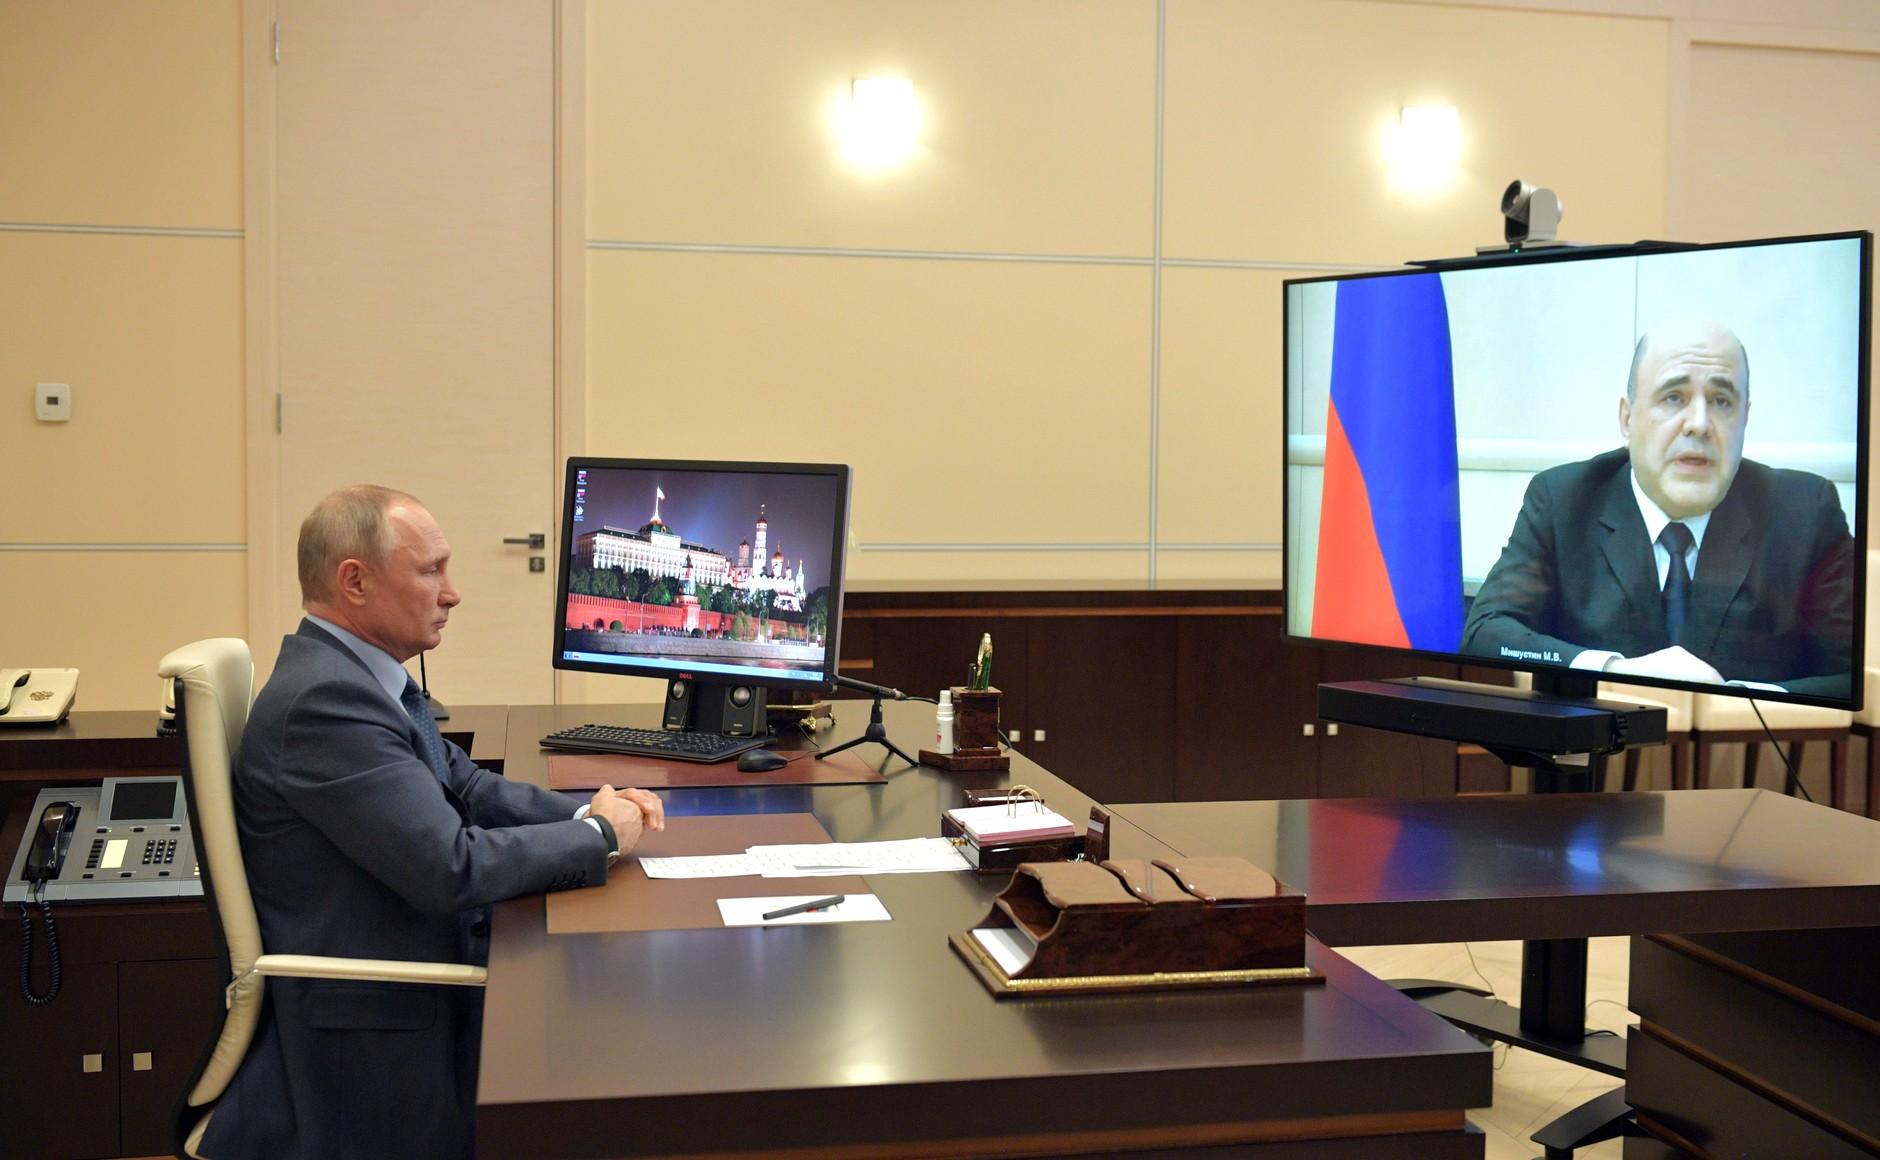 Михаил Мишустин сообщает Путину о своем коронавирусе (Фото: пресс-служба Кремля)